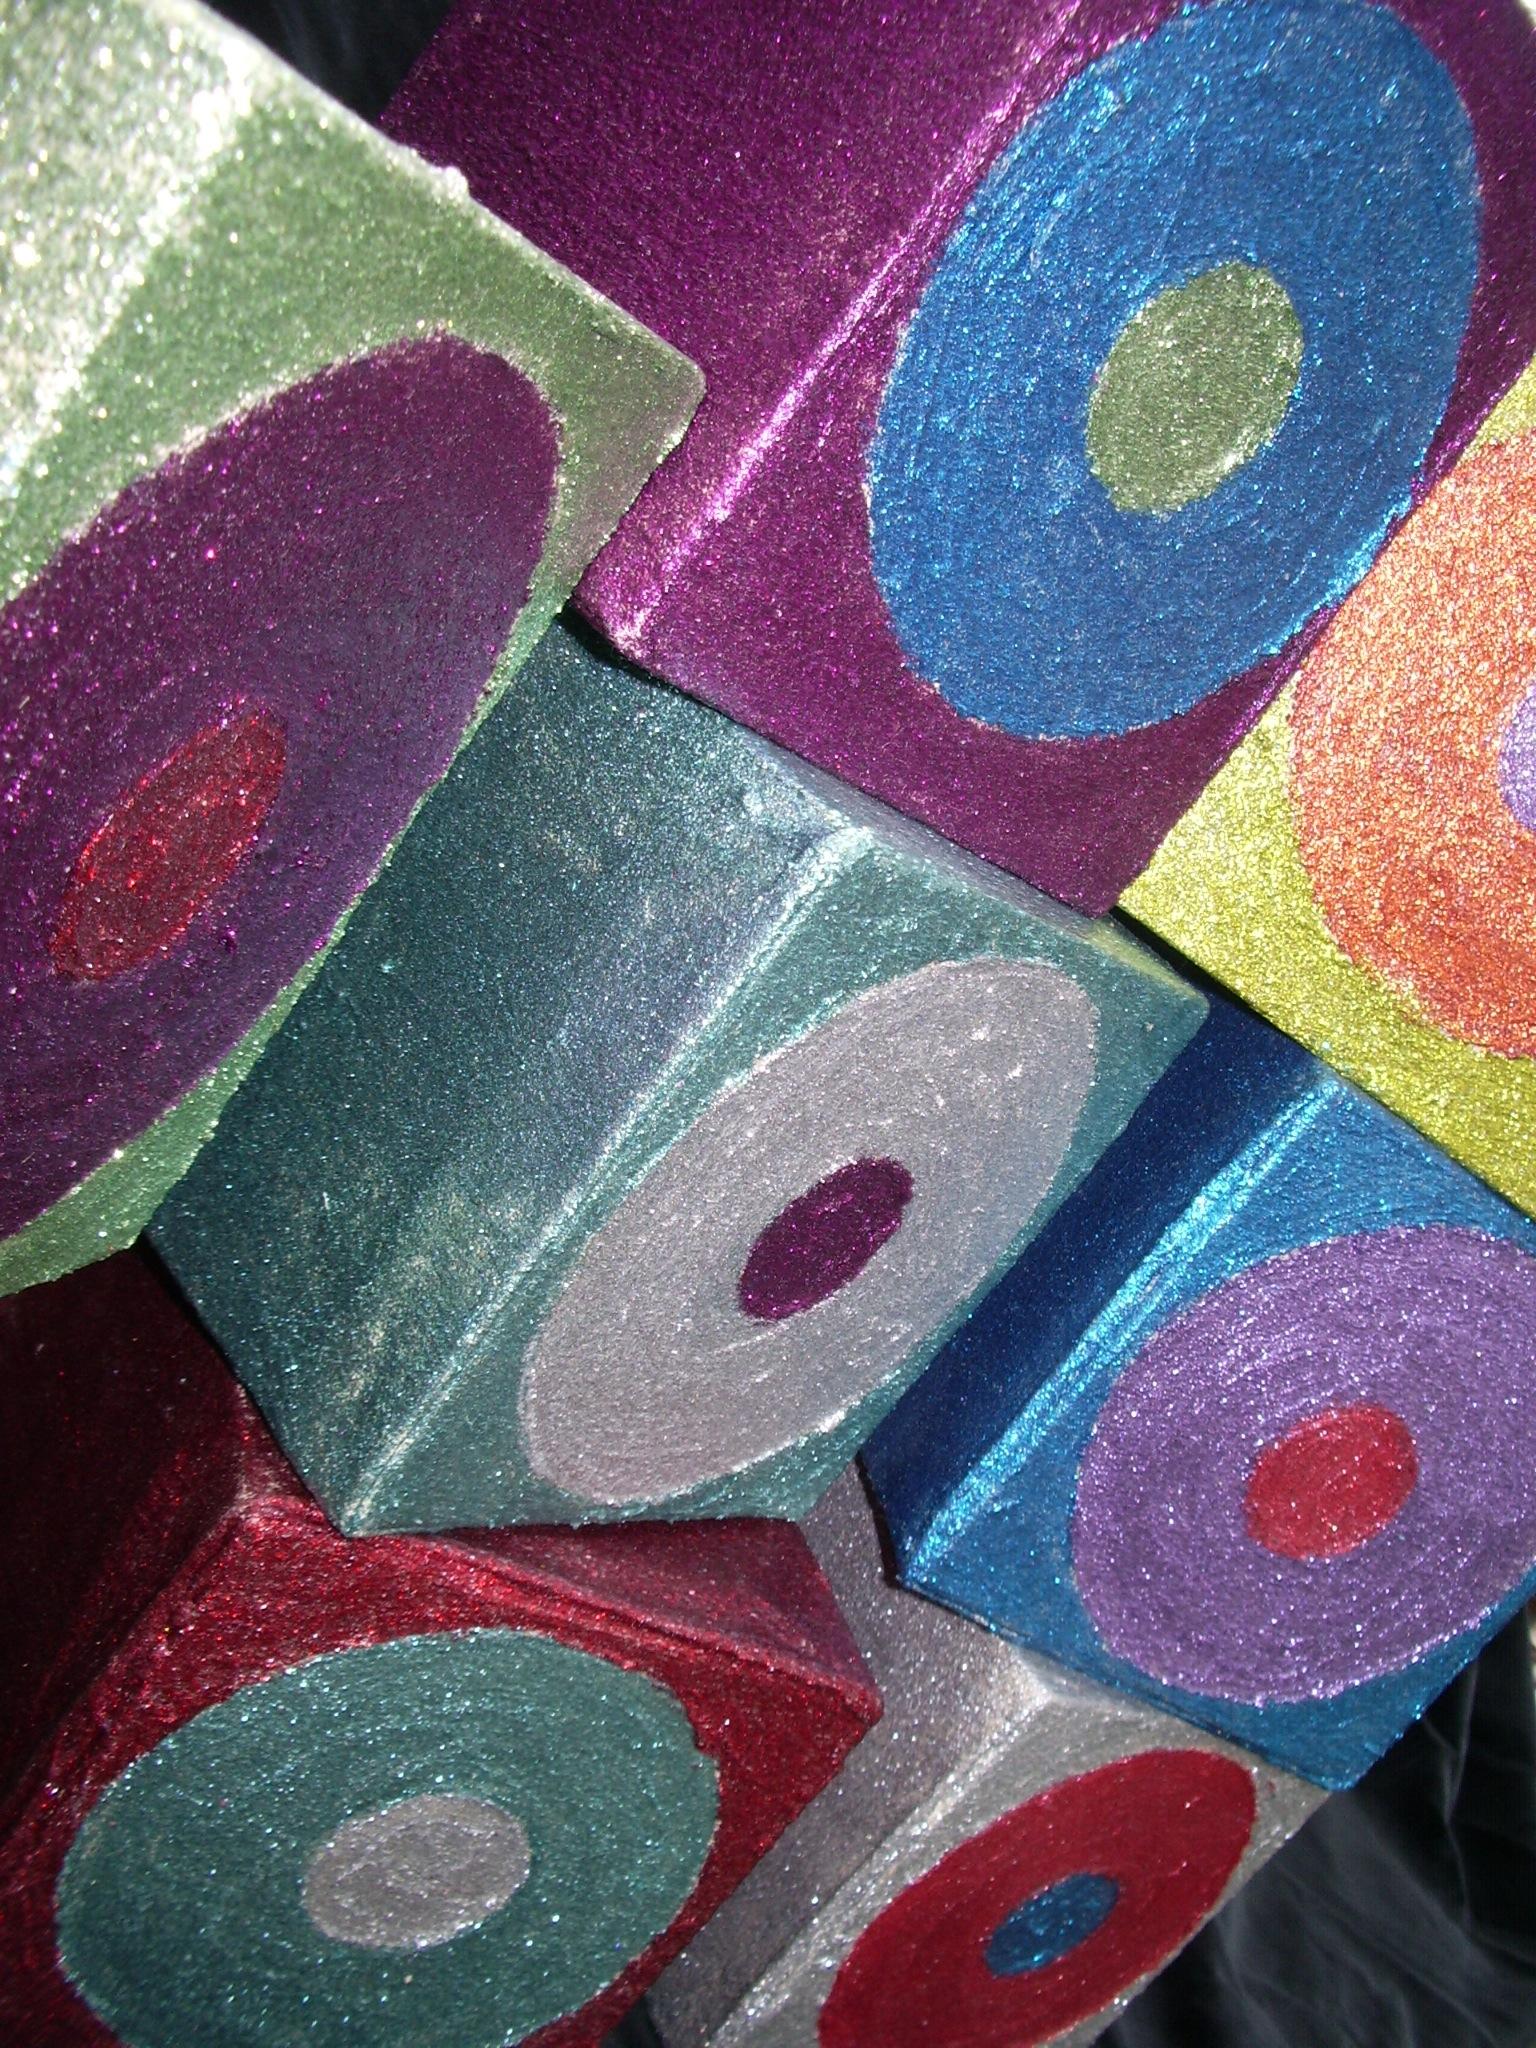 Sparkle Paintings D Maisonneuve Commission.JPG